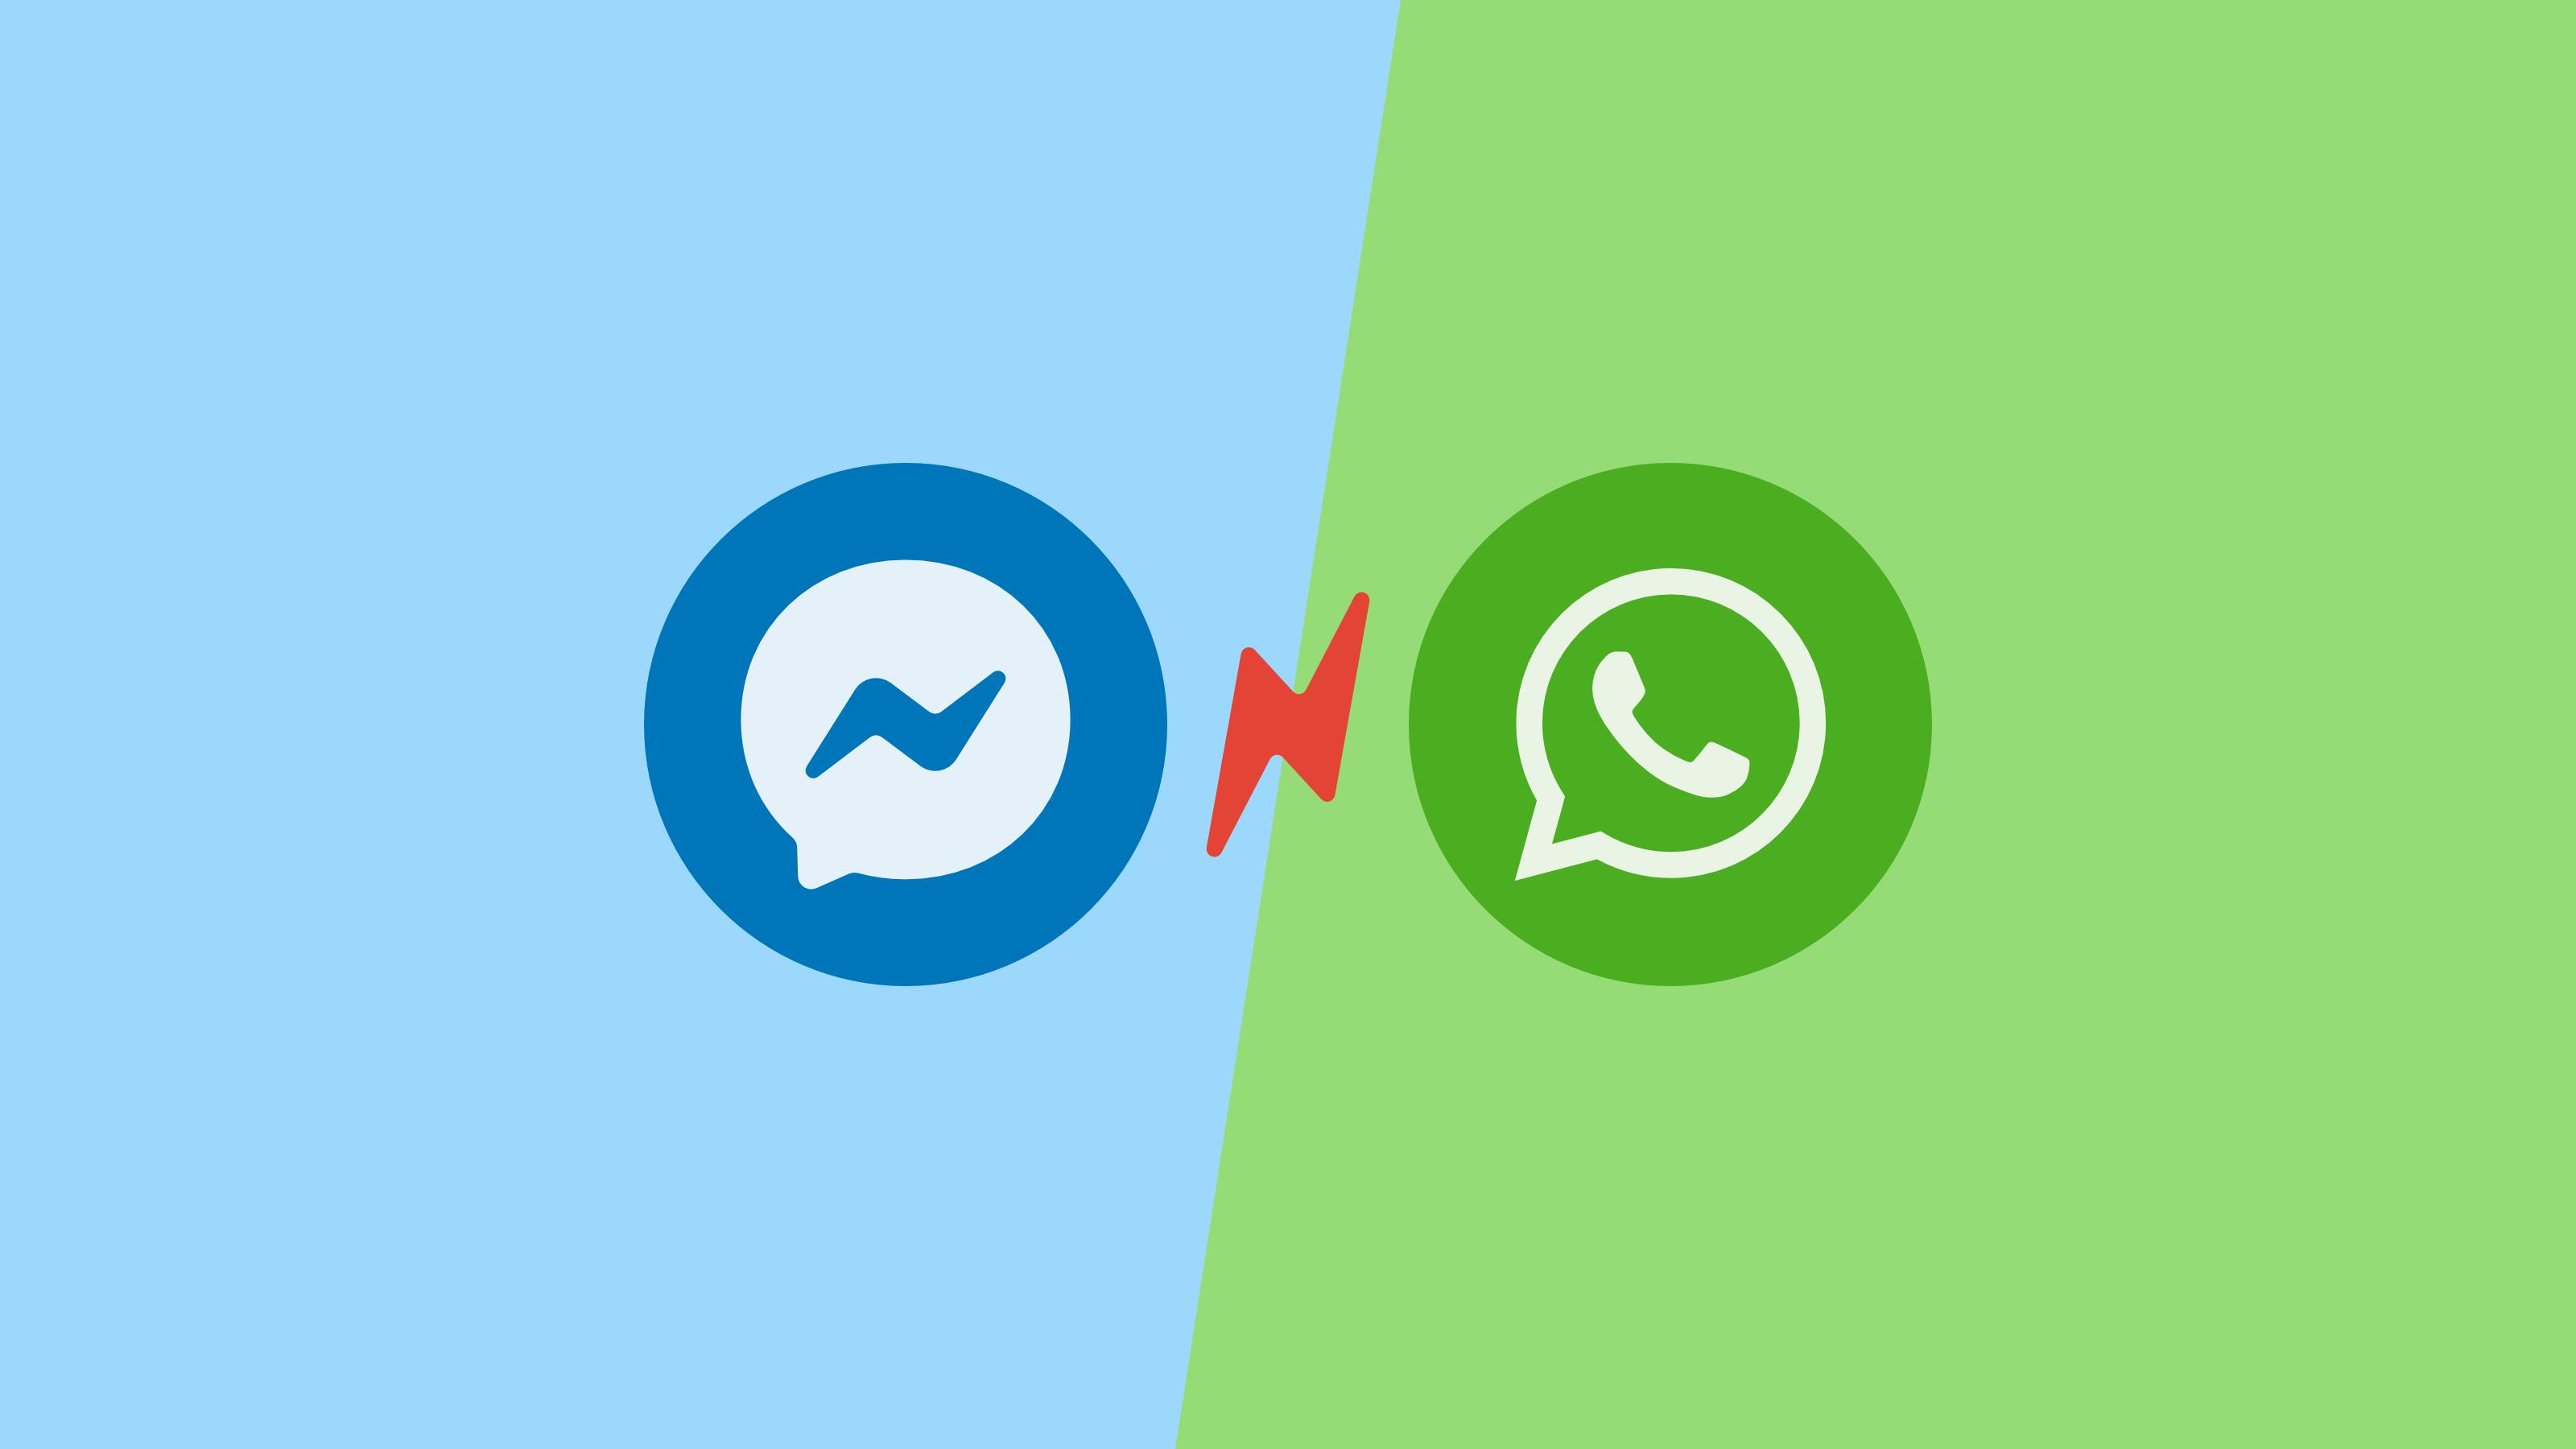 facebook gegen whatsapp was ist besser für unternehmen